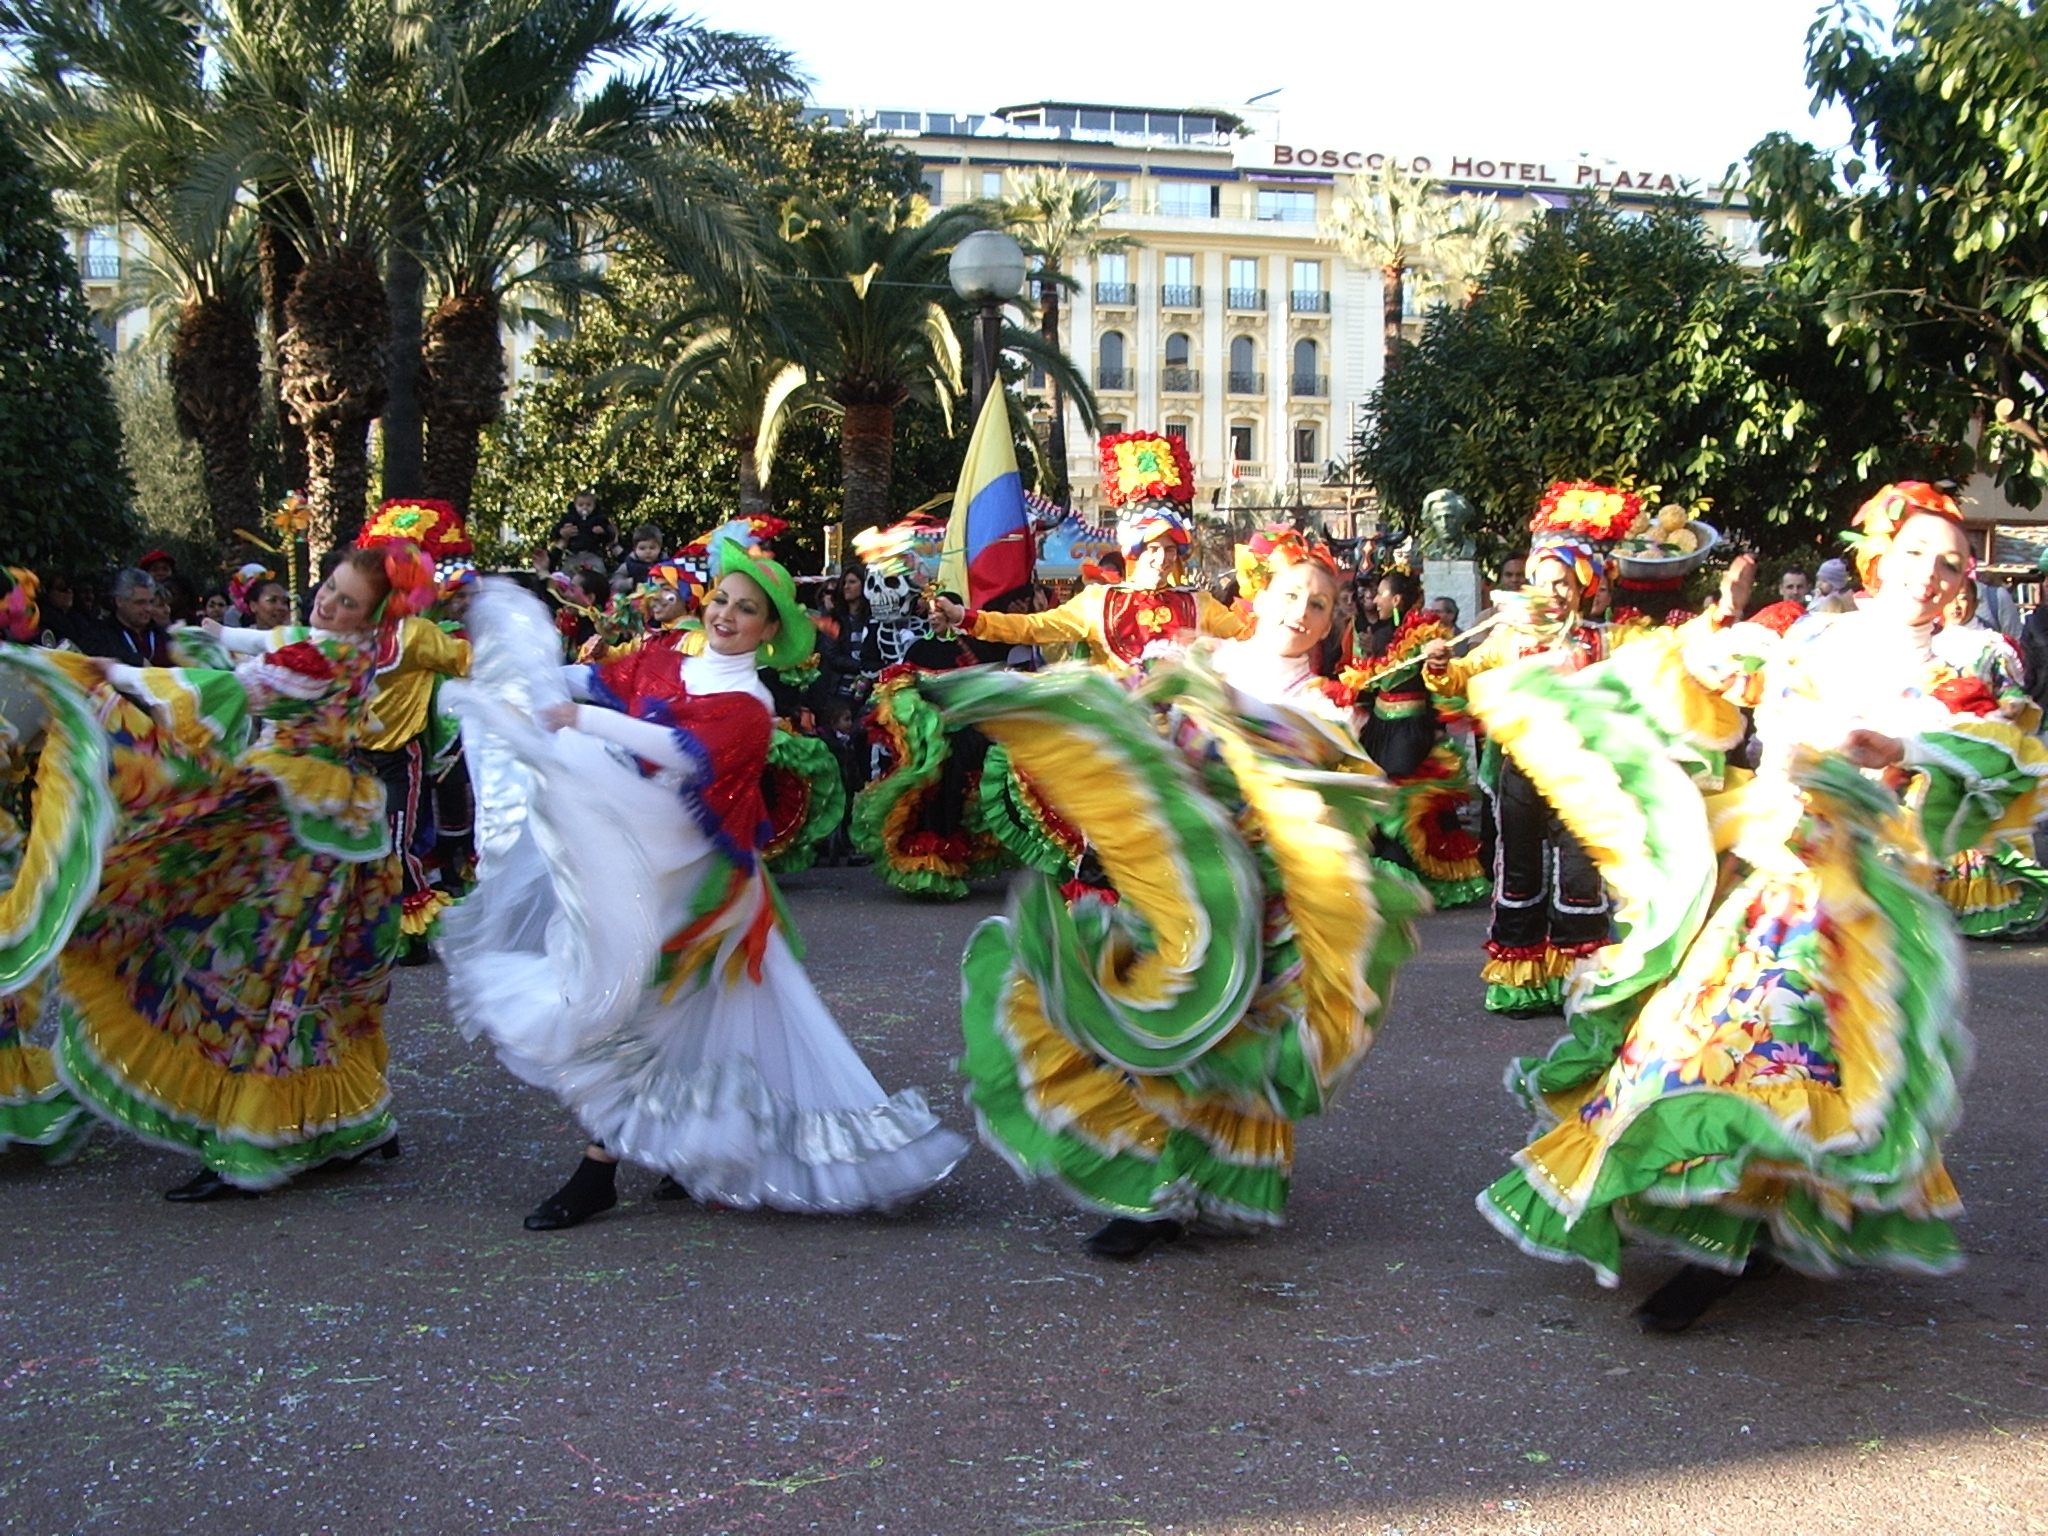 Carnaval de Nice visite vieille vile guide conférencière